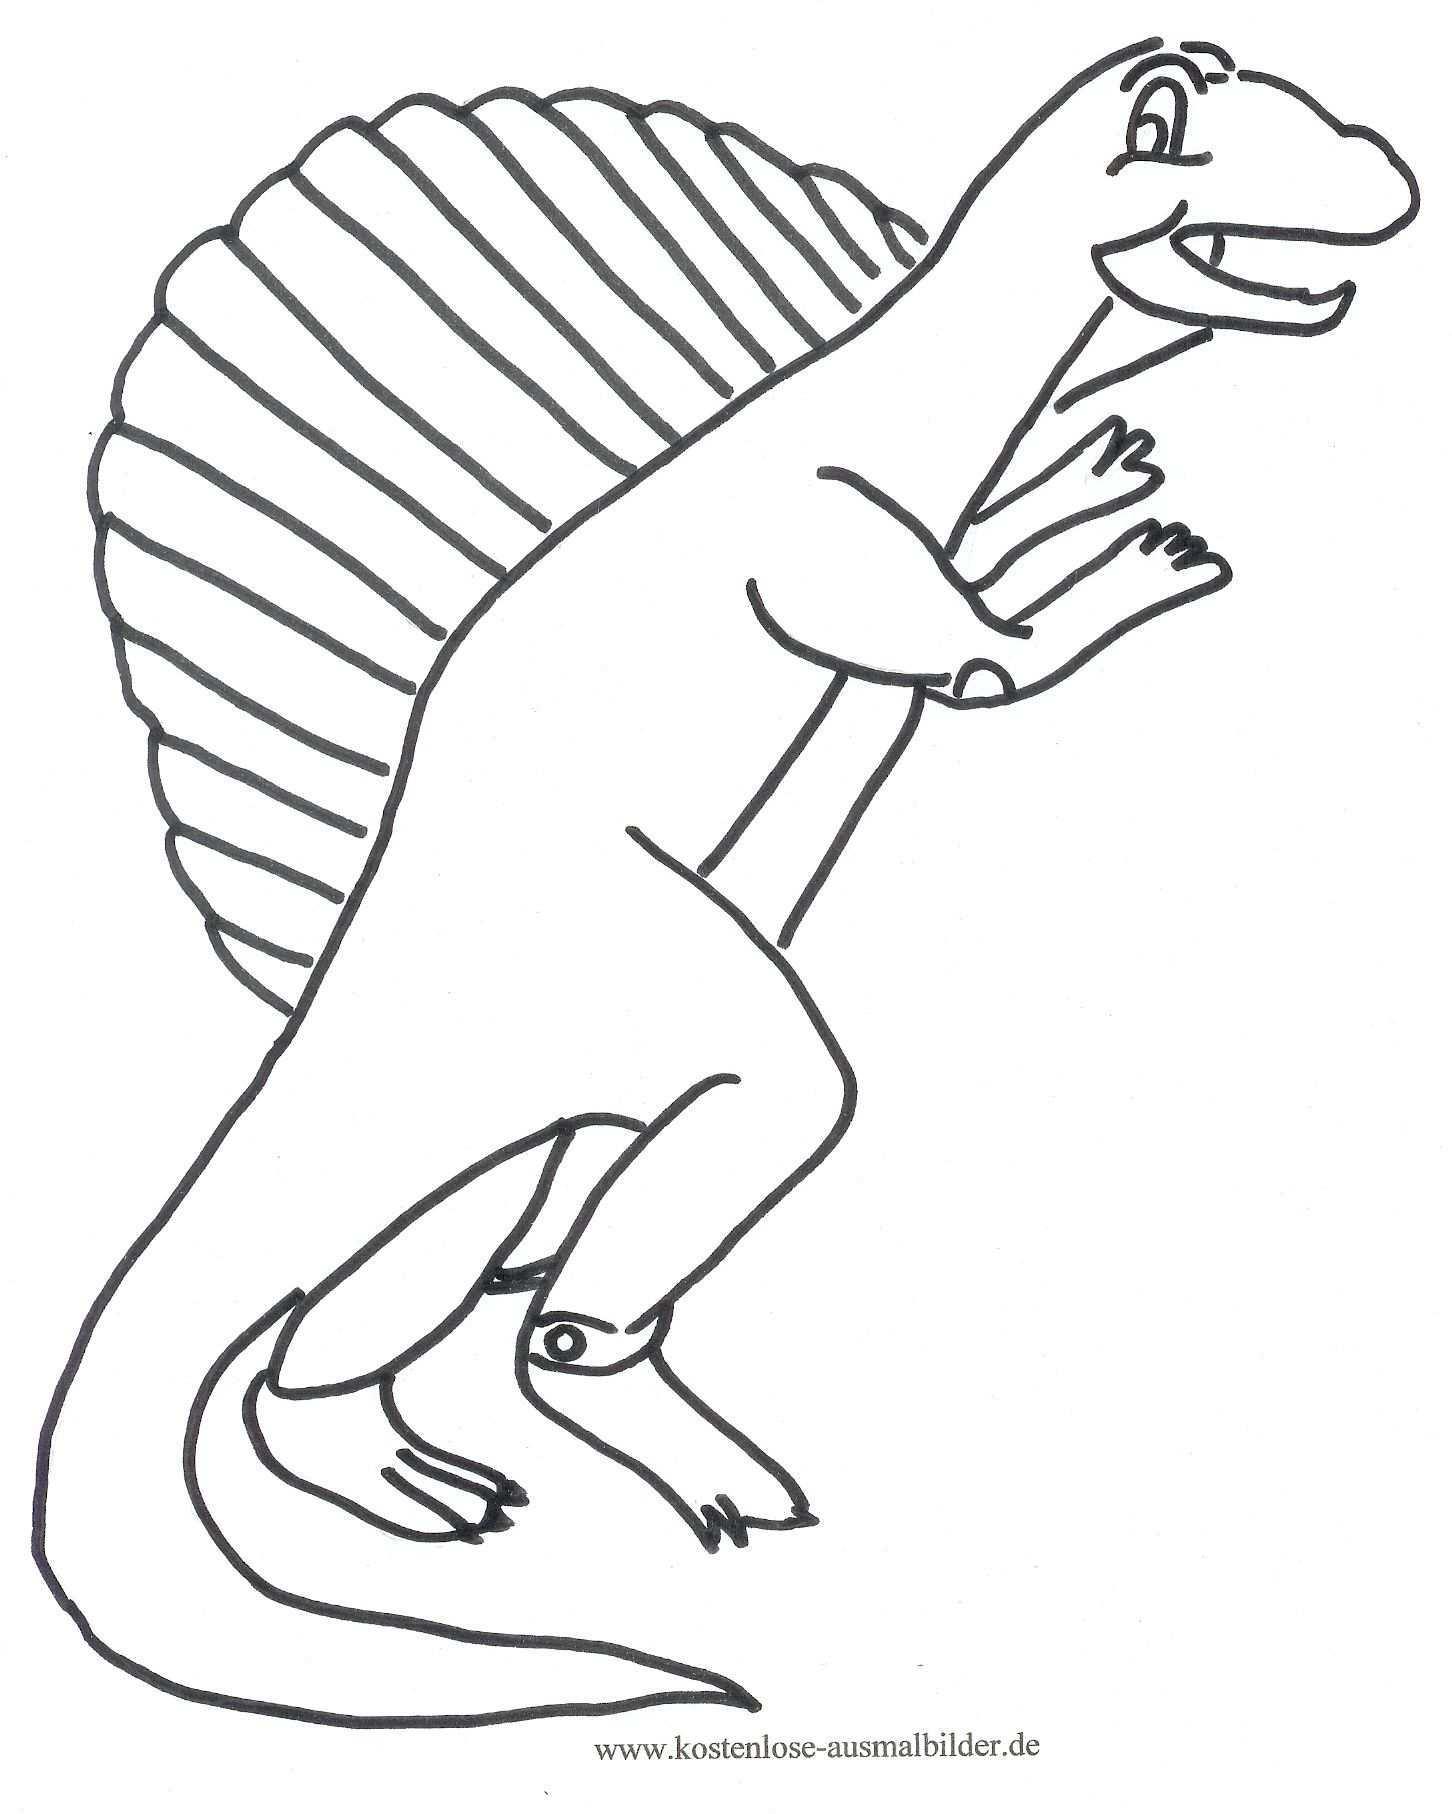 Ausmalbild Dino Ausdrucken Malvorlage Dinosaurier Malvorlagen Zum Ausdrucken Ausmalen